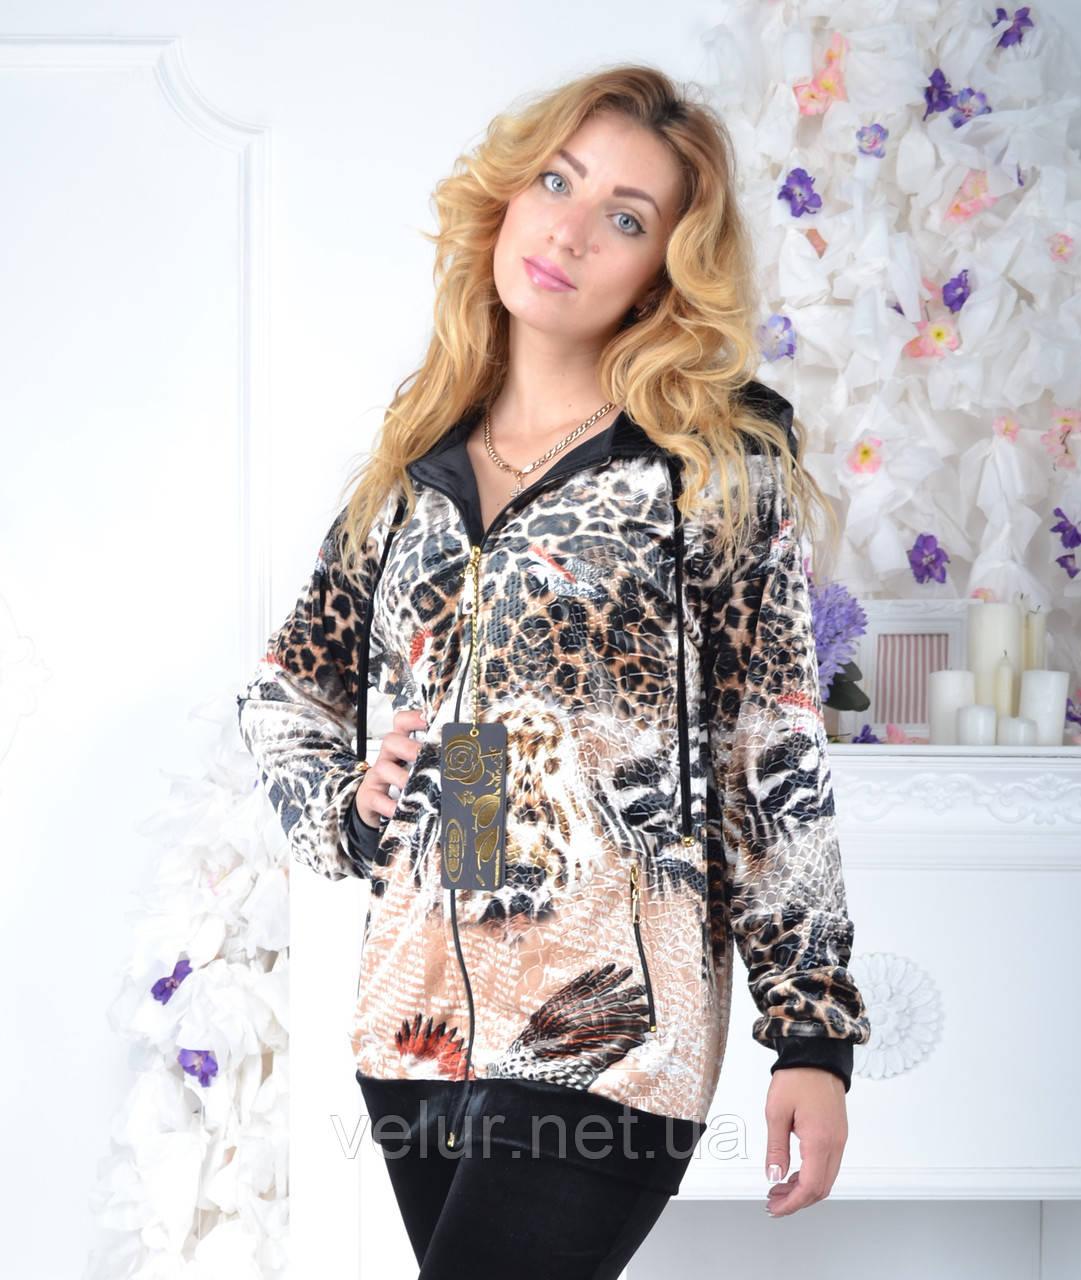 d9e034e2b72 Купить Велюровый женский турецкий костюм EZE купить разм 50